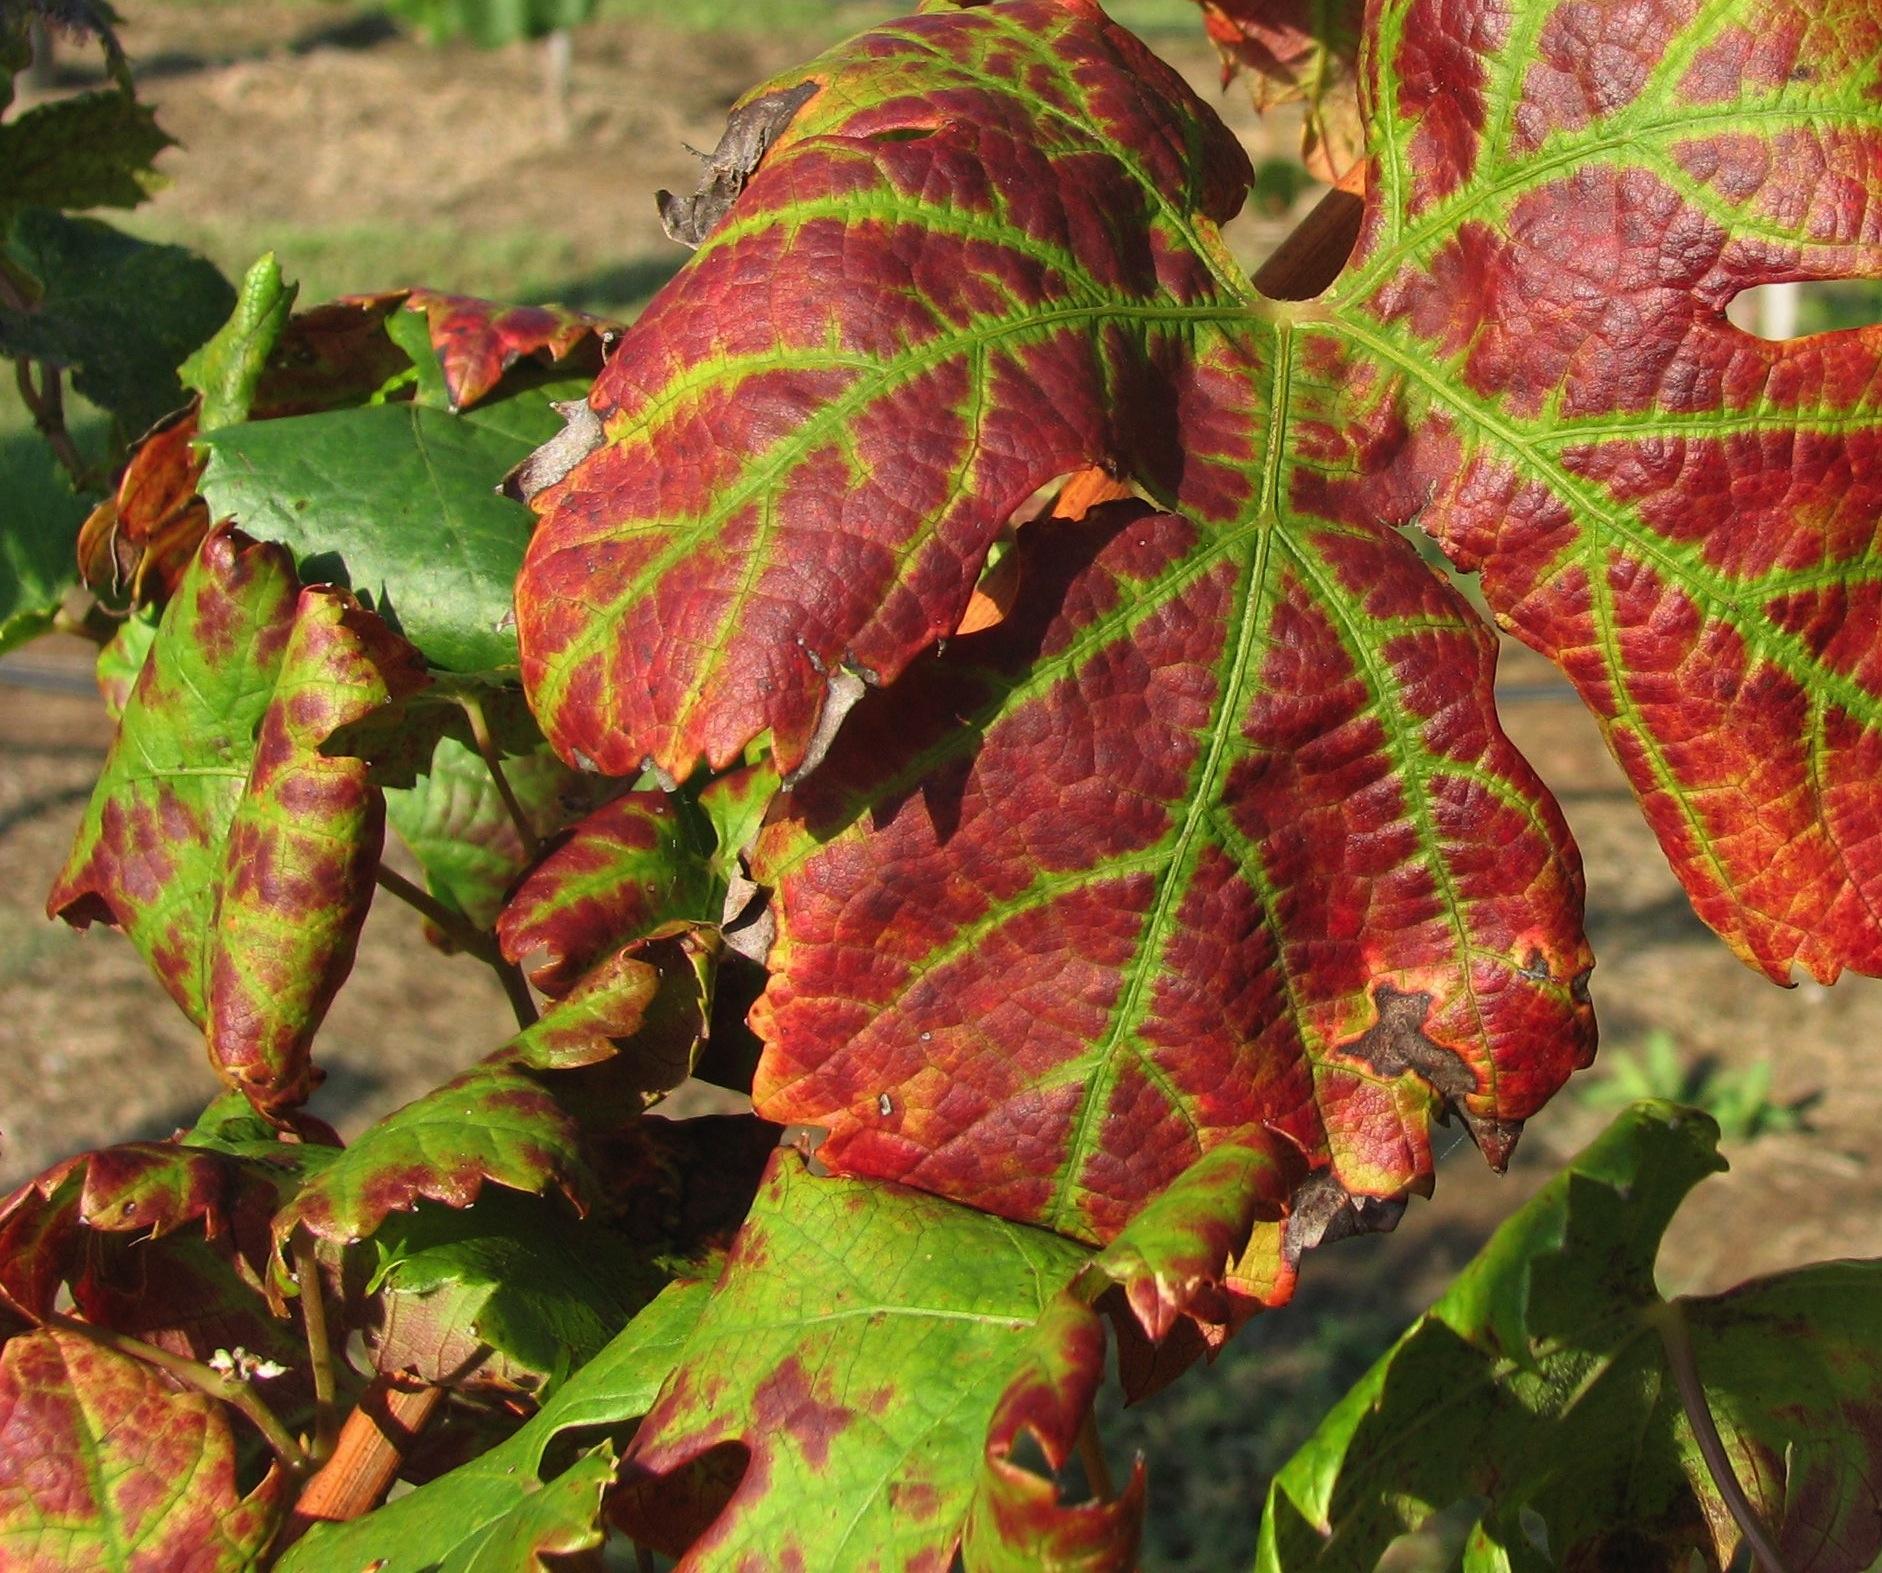 Leafroll virus symptoms